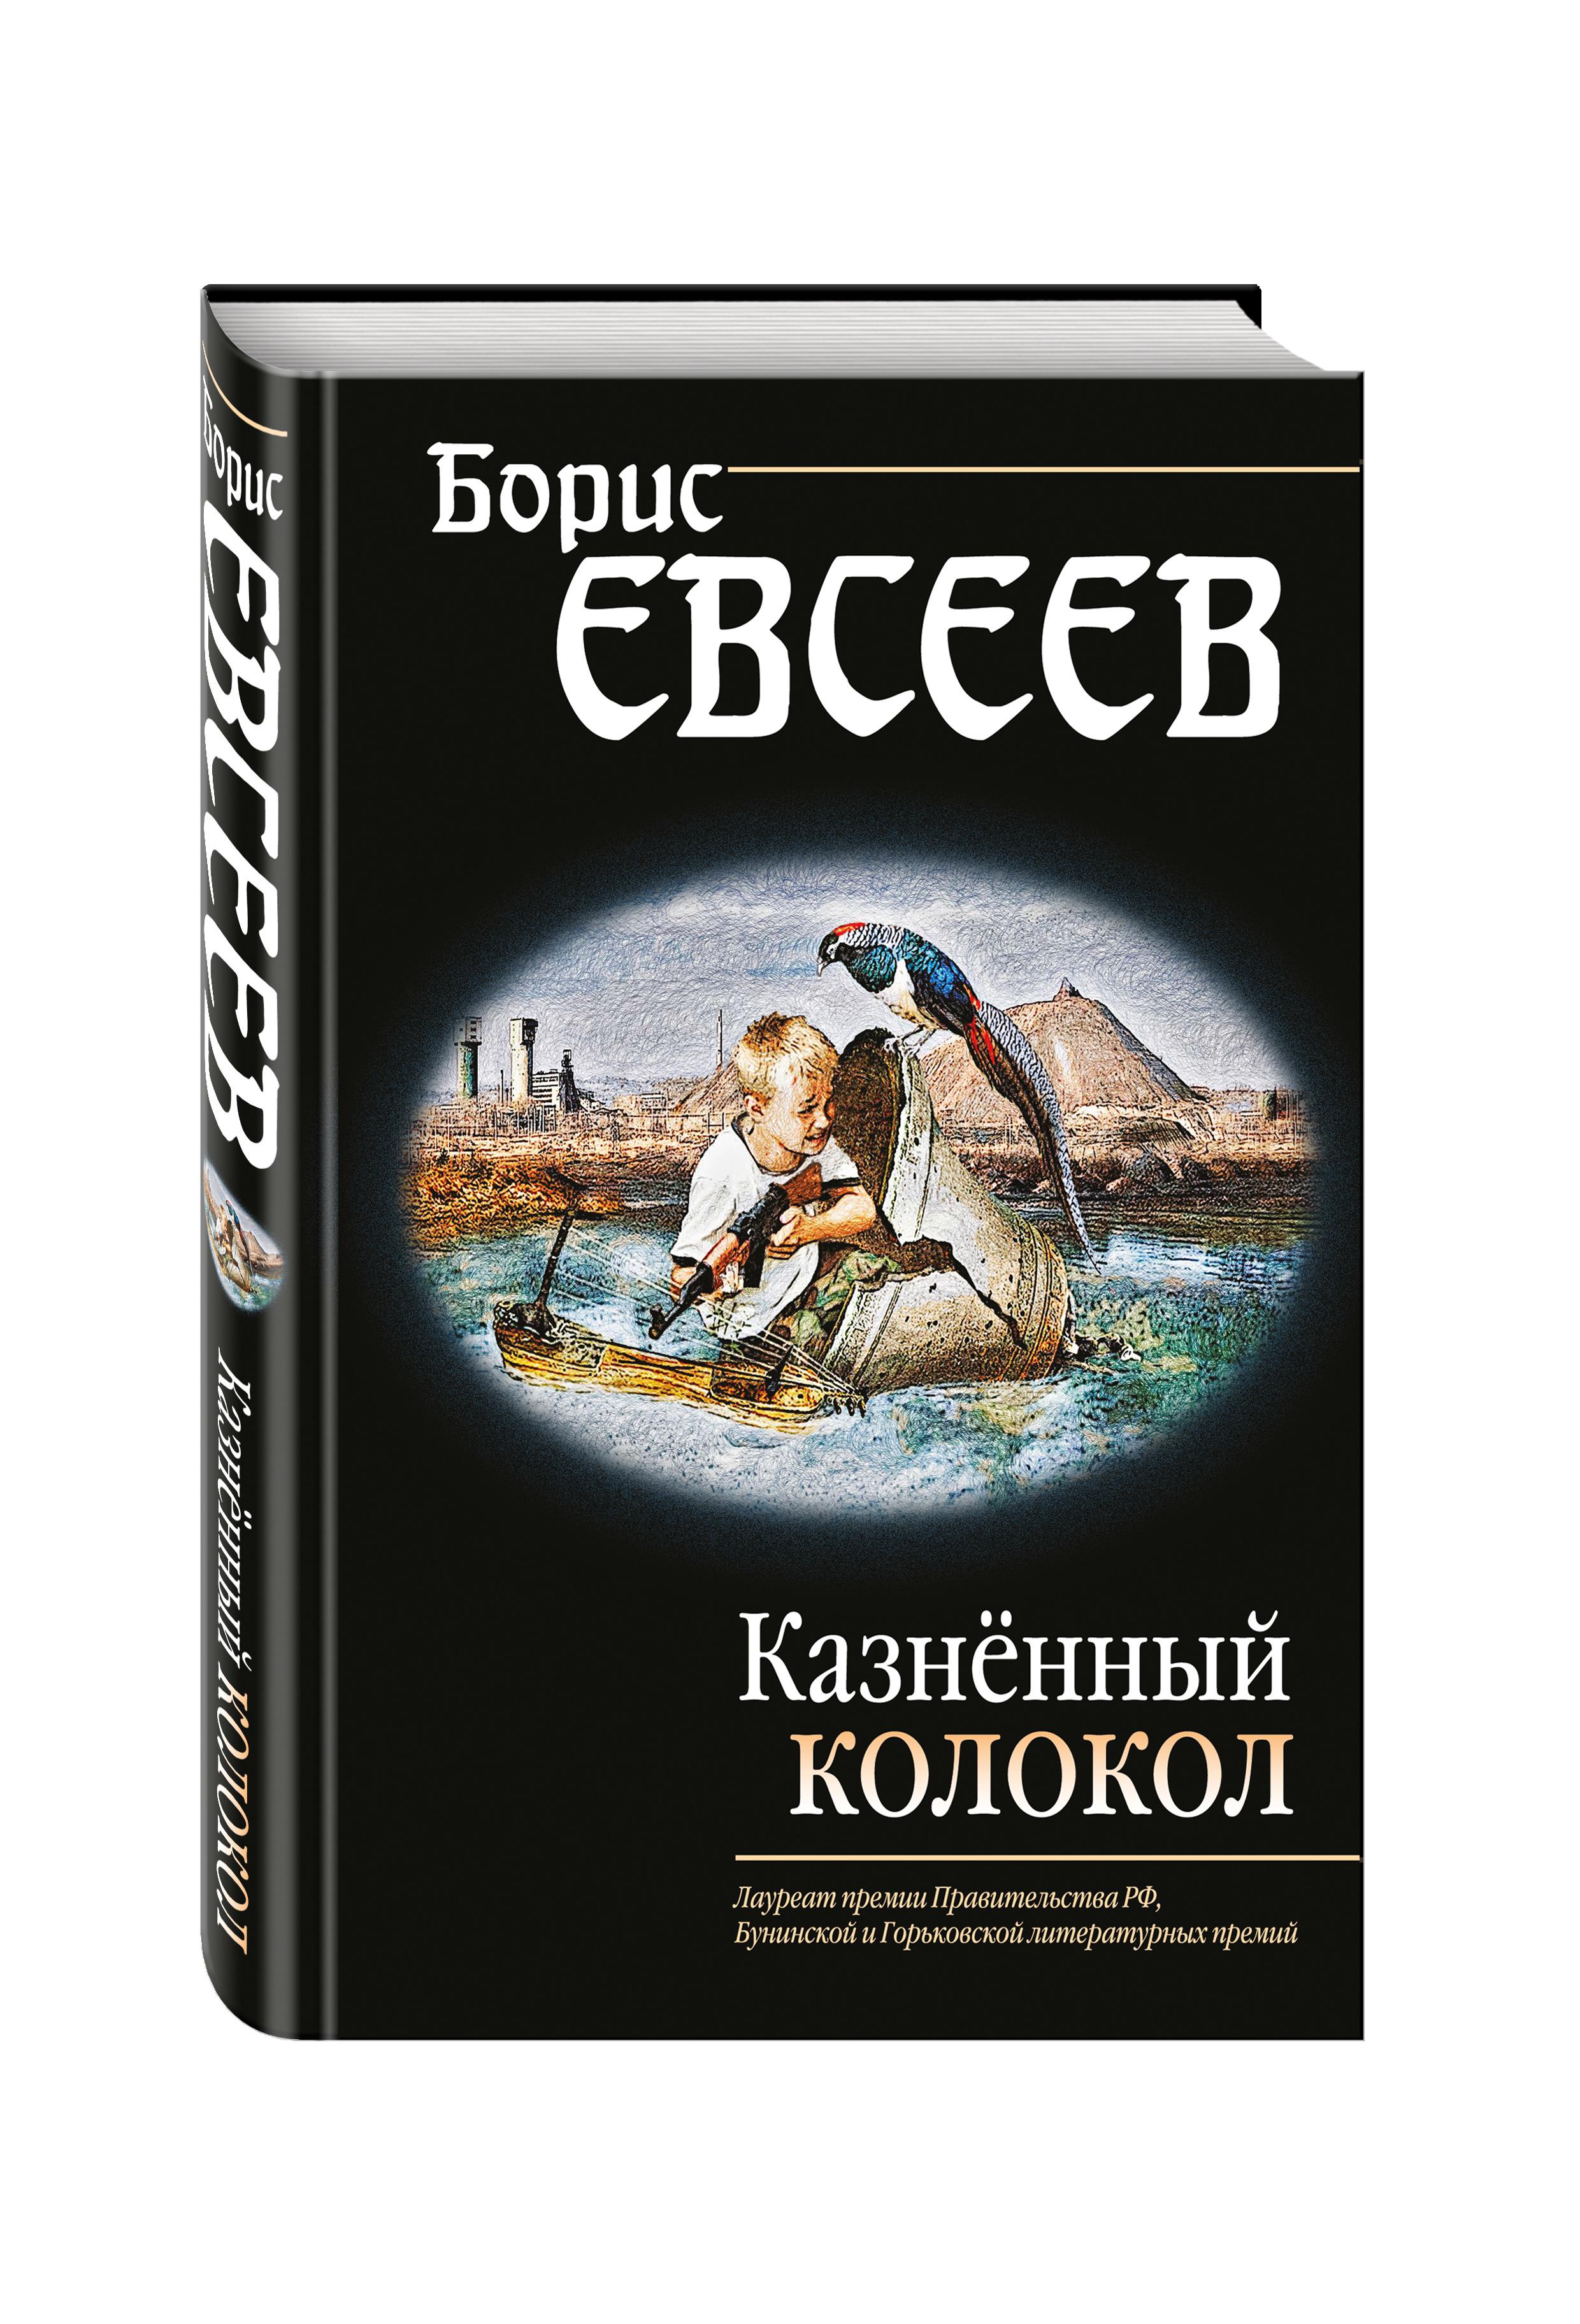 Борис Евсеев Казнённый колокол эксмо казнённый колокол